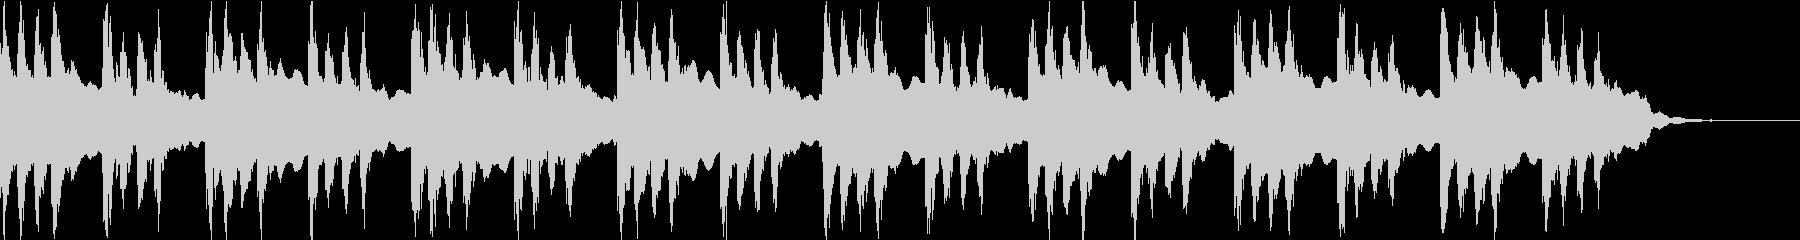 神秘的、幻想的な映像に合うBGMです。の未再生の波形